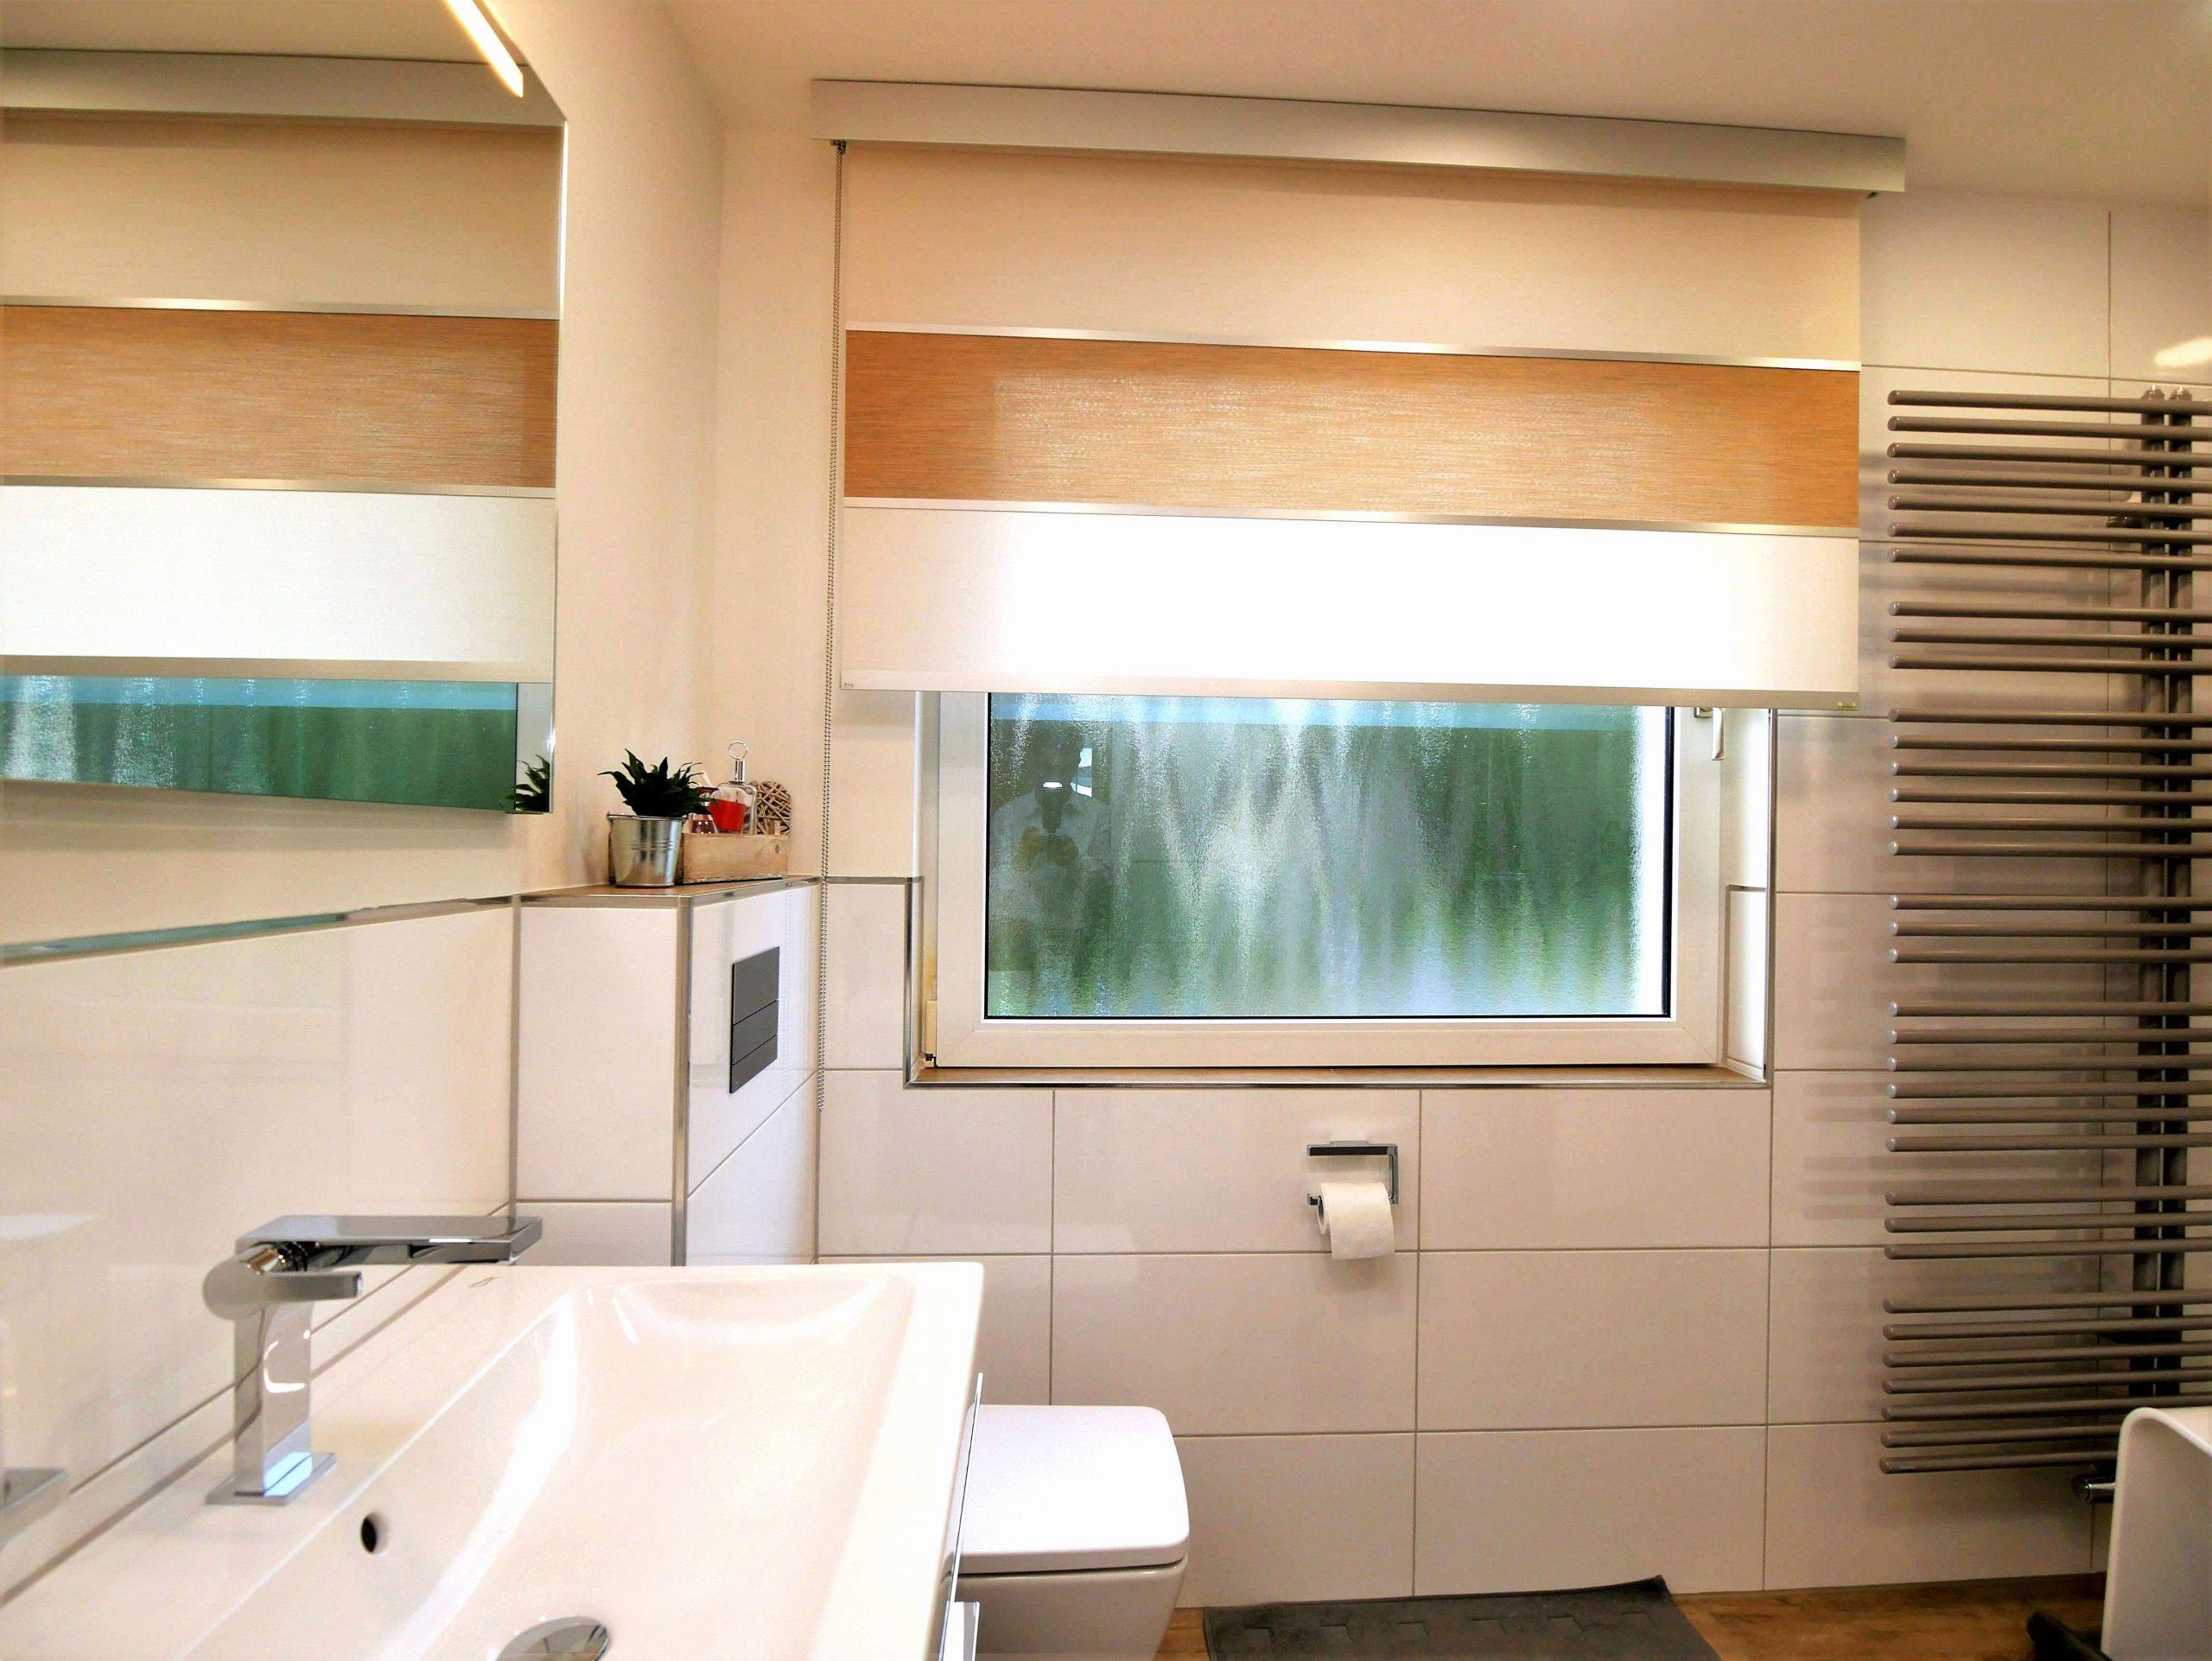 Full Size of Gardinen Für Küche Und Esszimmer Gardinen Küche Ideen Vorhänge Gardinen Für Küche Gardinen Küche Bonprix Küche Gardinen Für Küche